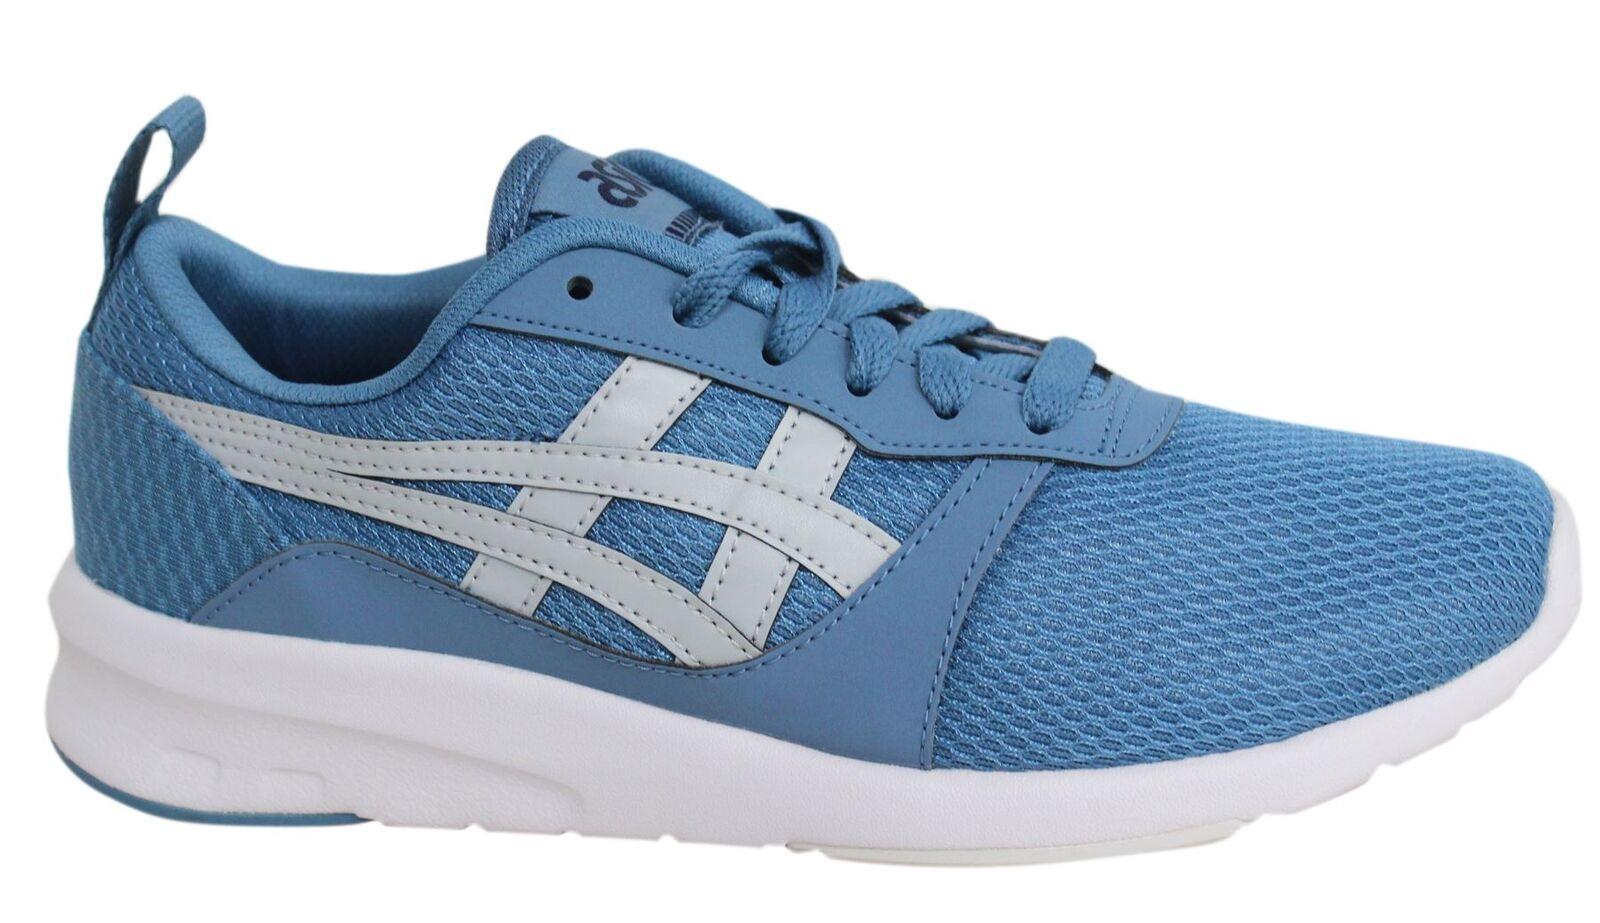 Los últimos zapatos de descuento para hombres y mujeres ASICS LYTE Basculador CORDONES AZUL CIELO Sintético Zapatillas Hombre h7g1n 5696